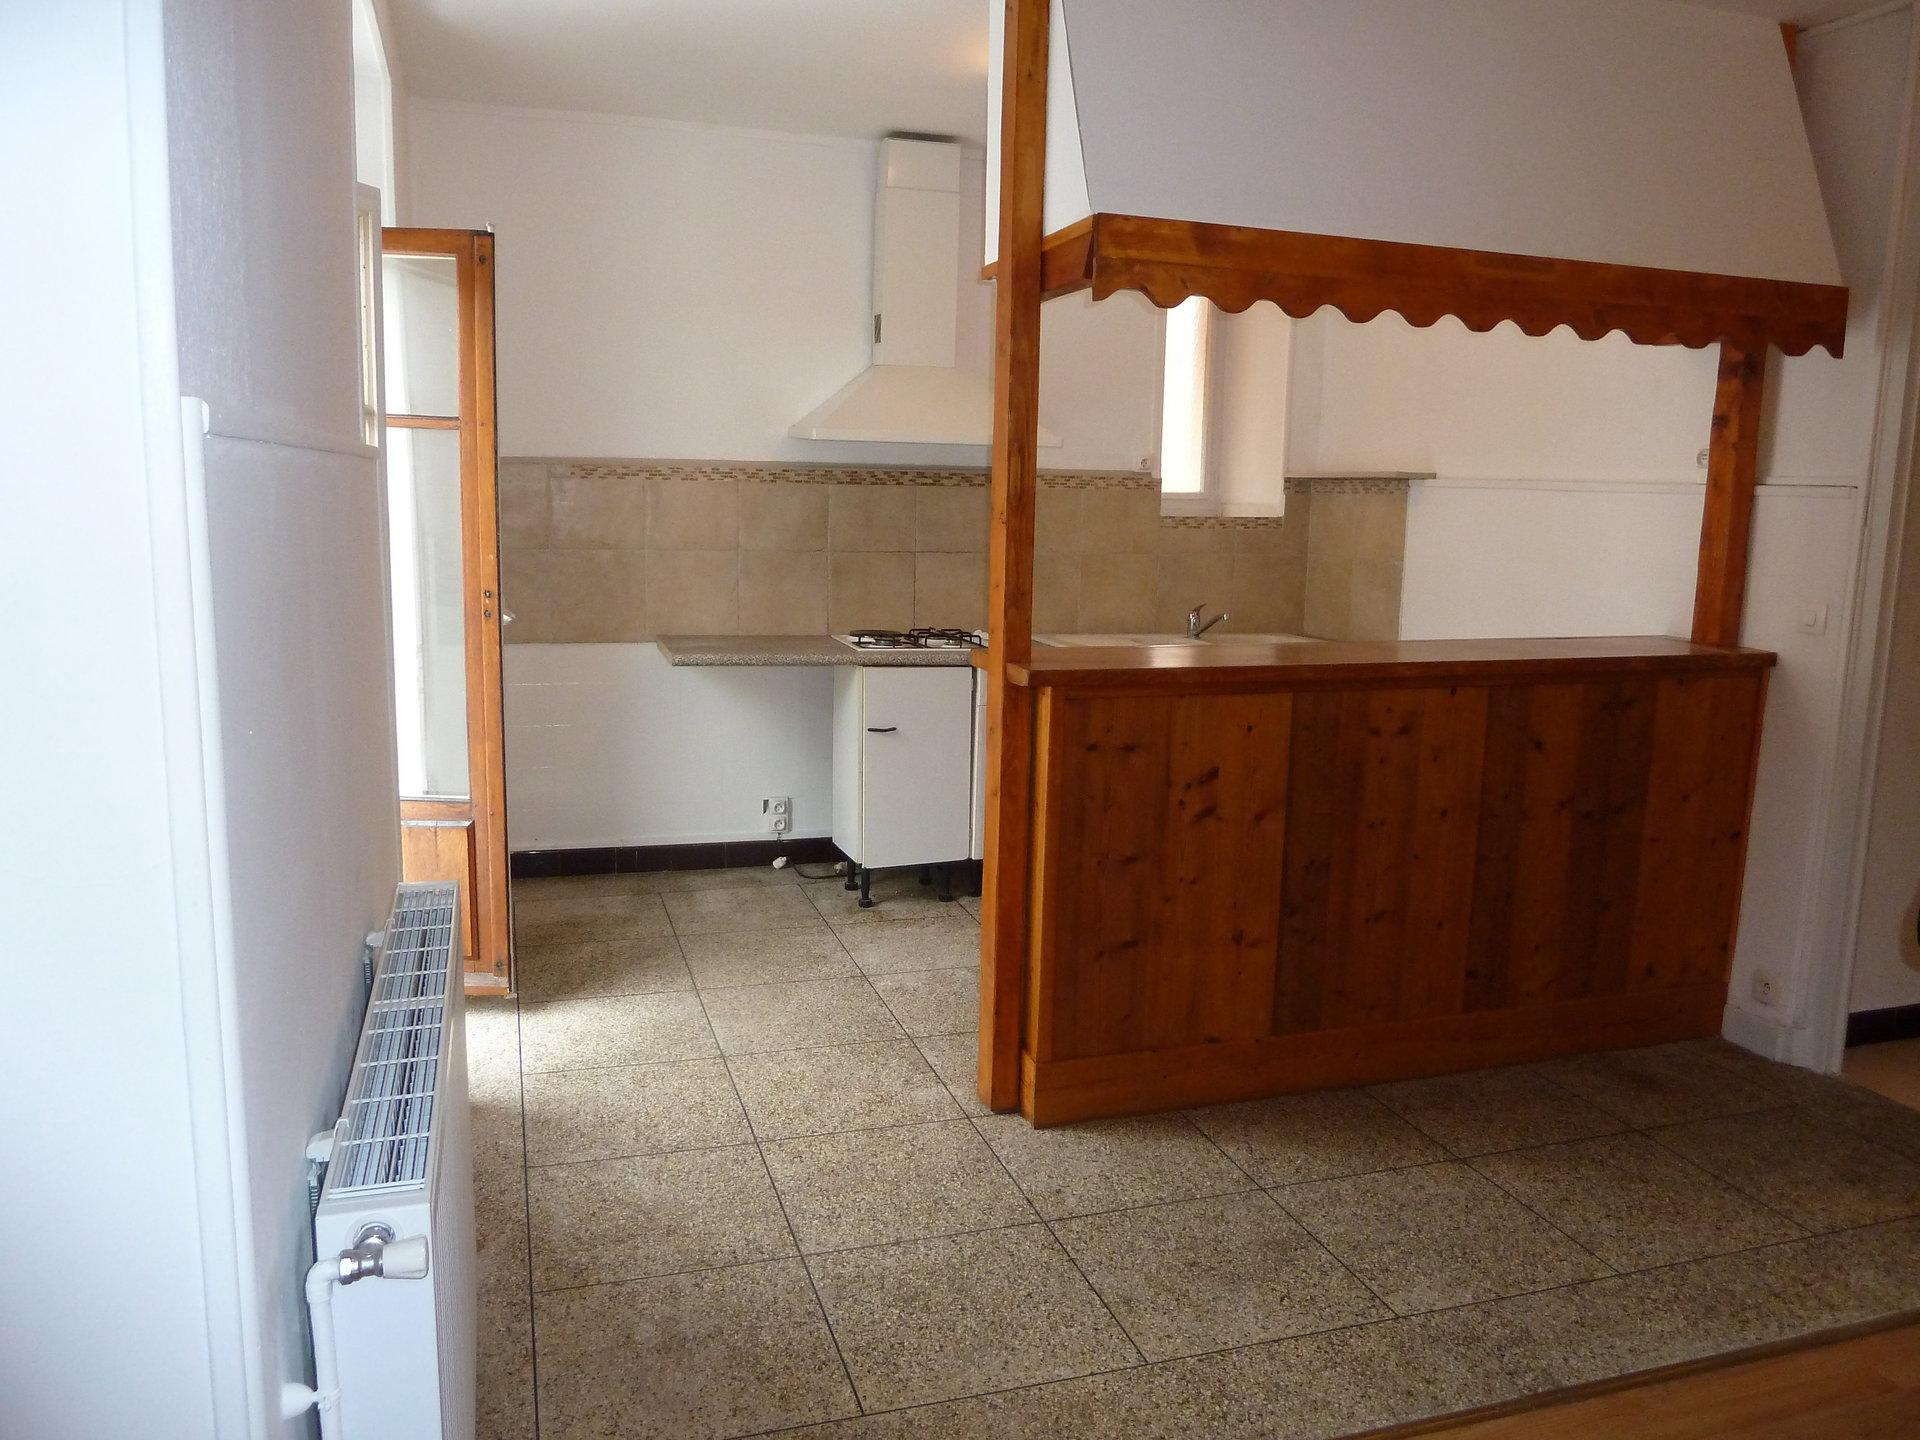 Vente Maison de ville - Le Bourg-d'Oisans